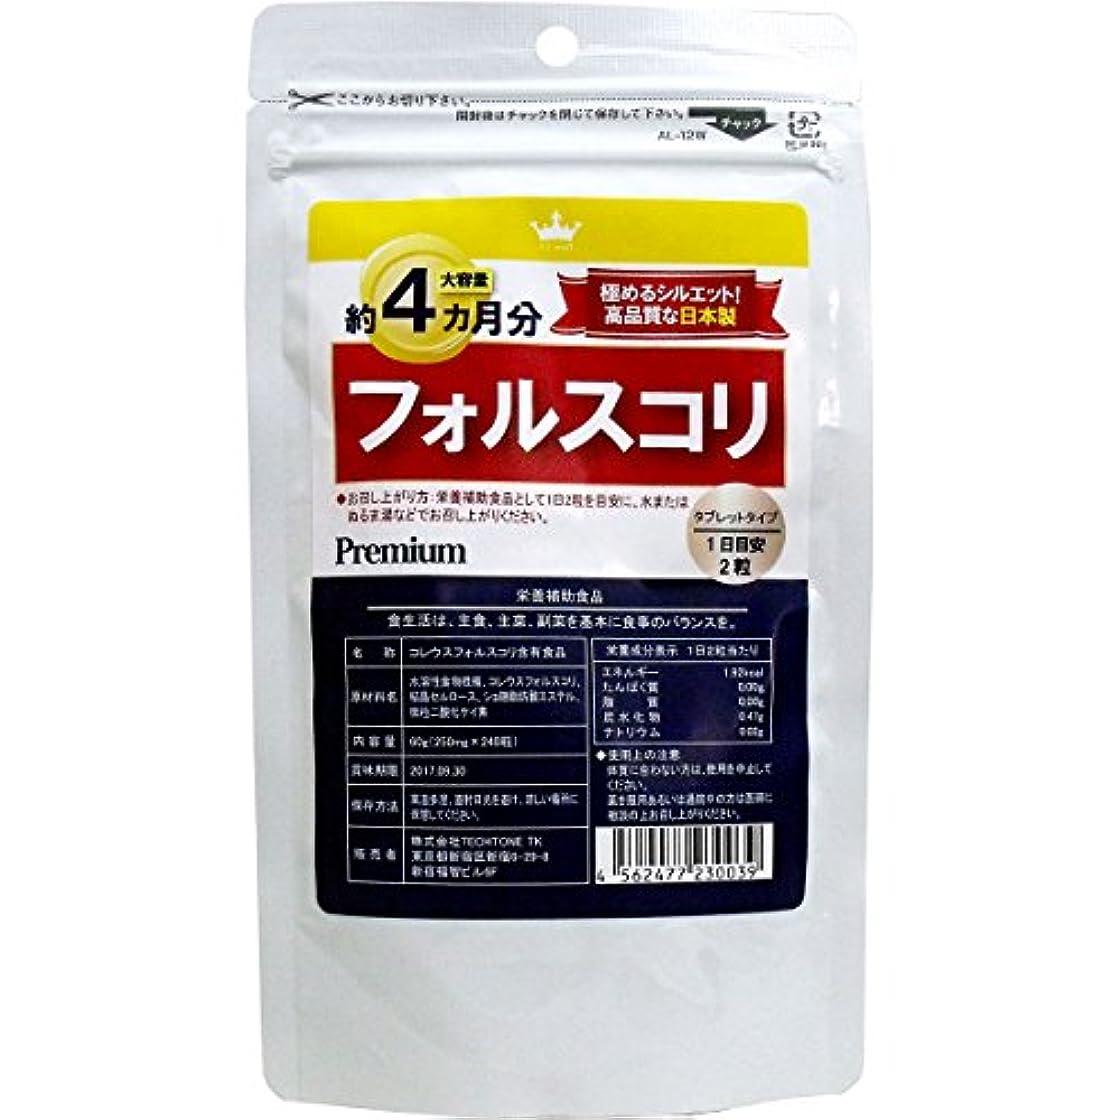 火薬祈るクリエイティブサプリメント 高品質な日本製 健康食品 フォルスコリ 約4カ月分 240粒入【3個セット】